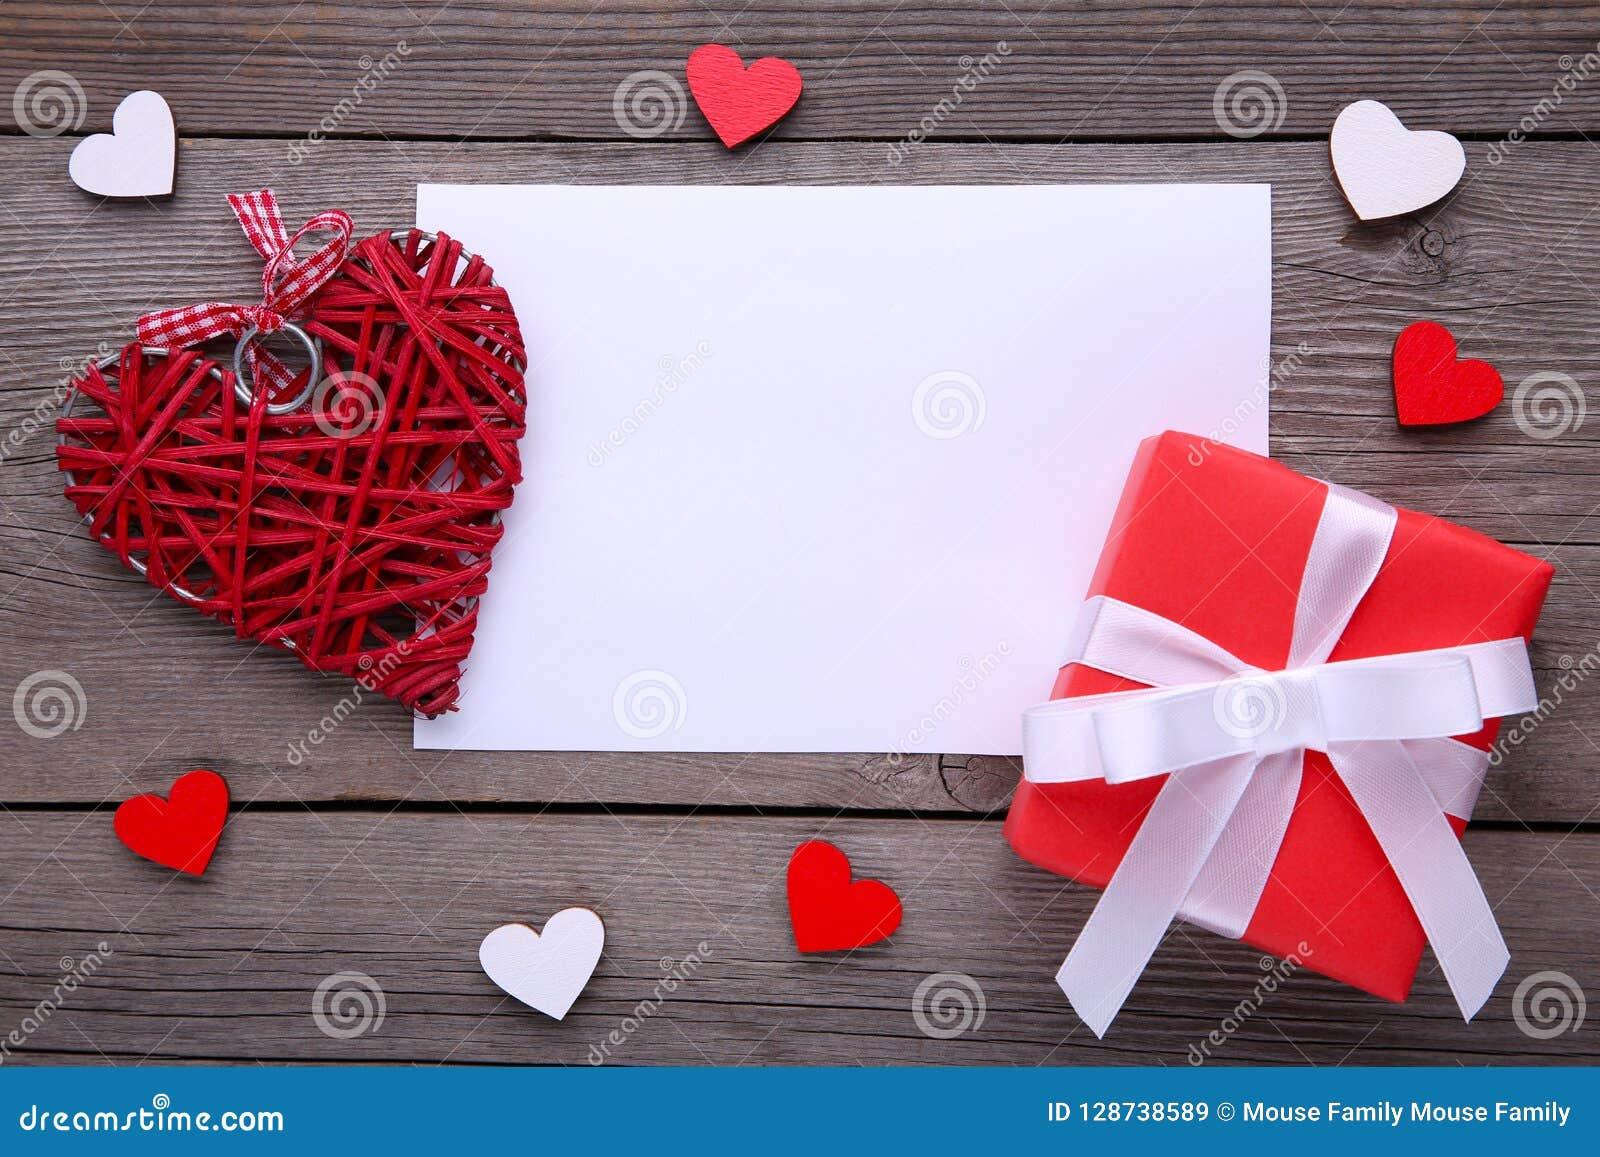 Caixa de presente vermelha com corações no fundo cinzento